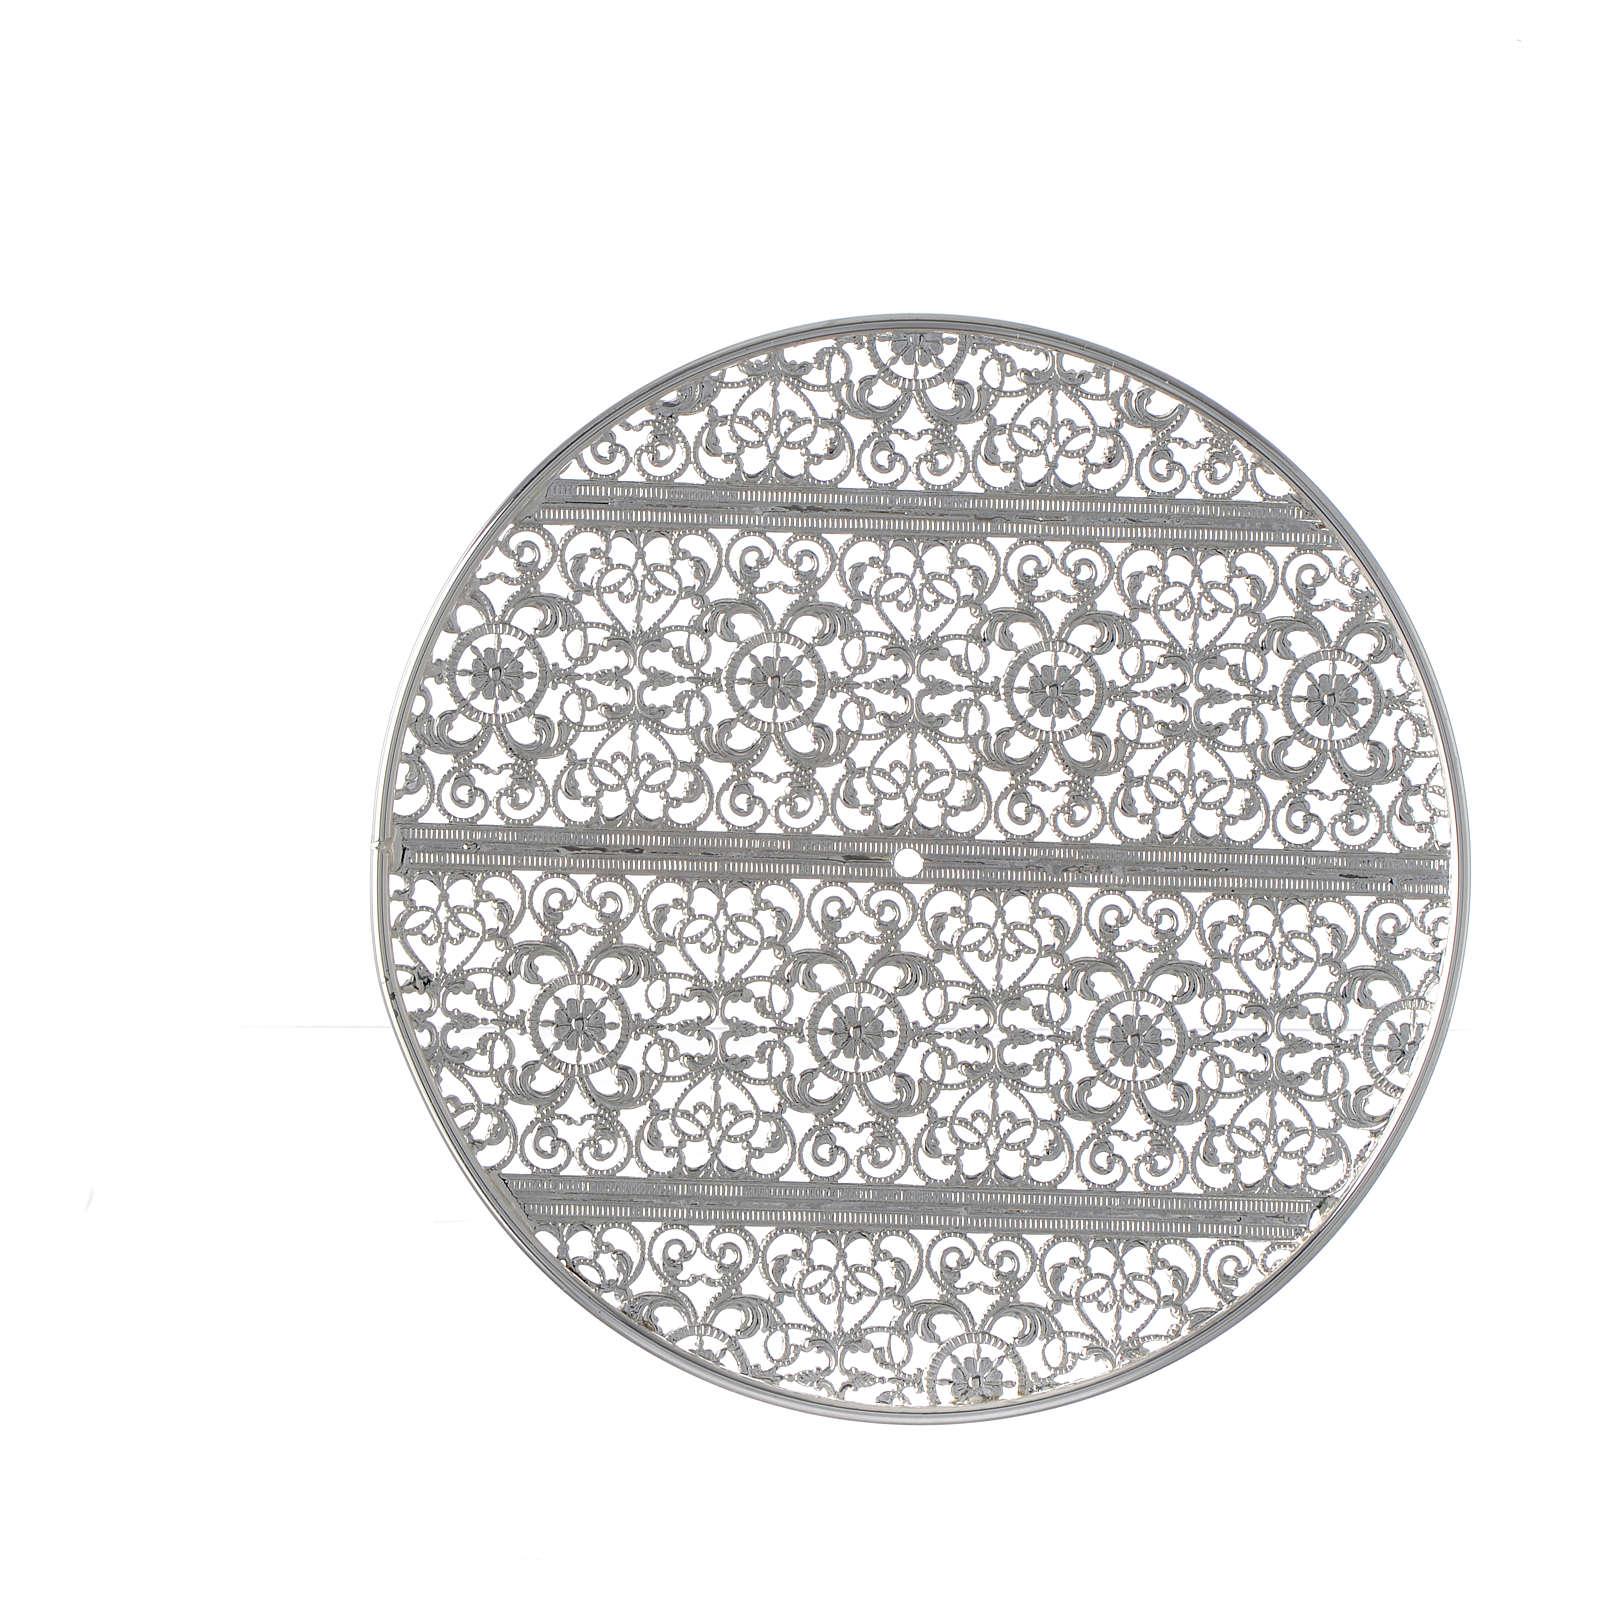 Stellario ottone filigrana argentata e ricami 3